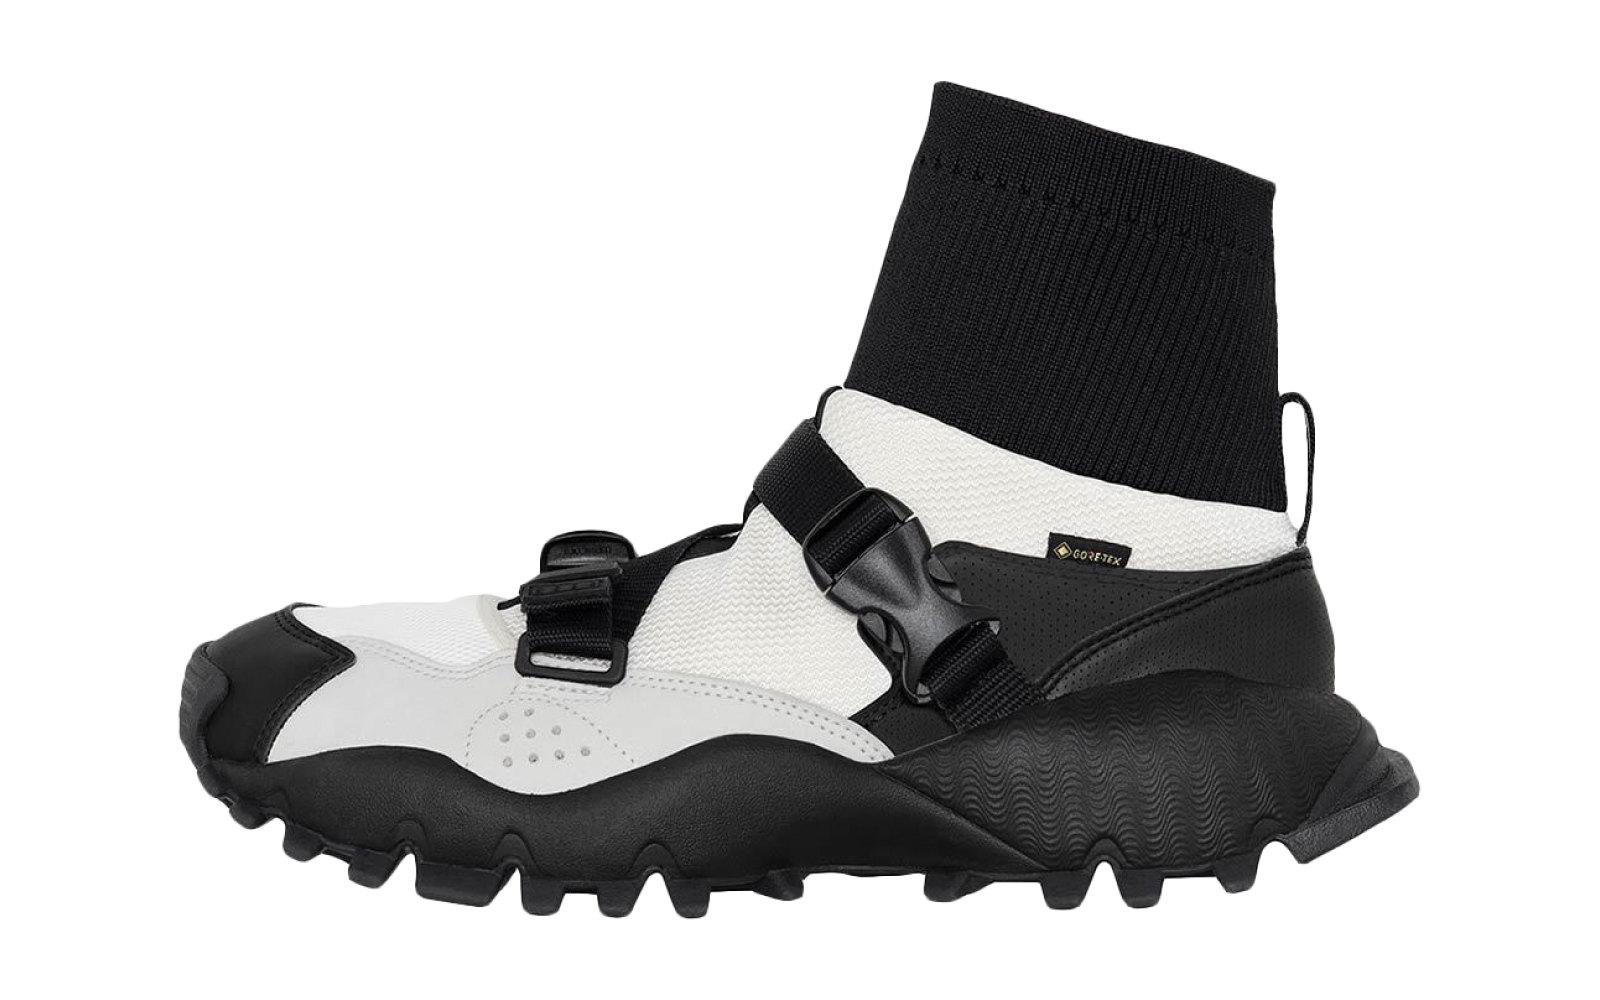 HYKE x adidas SEEULATER GTX